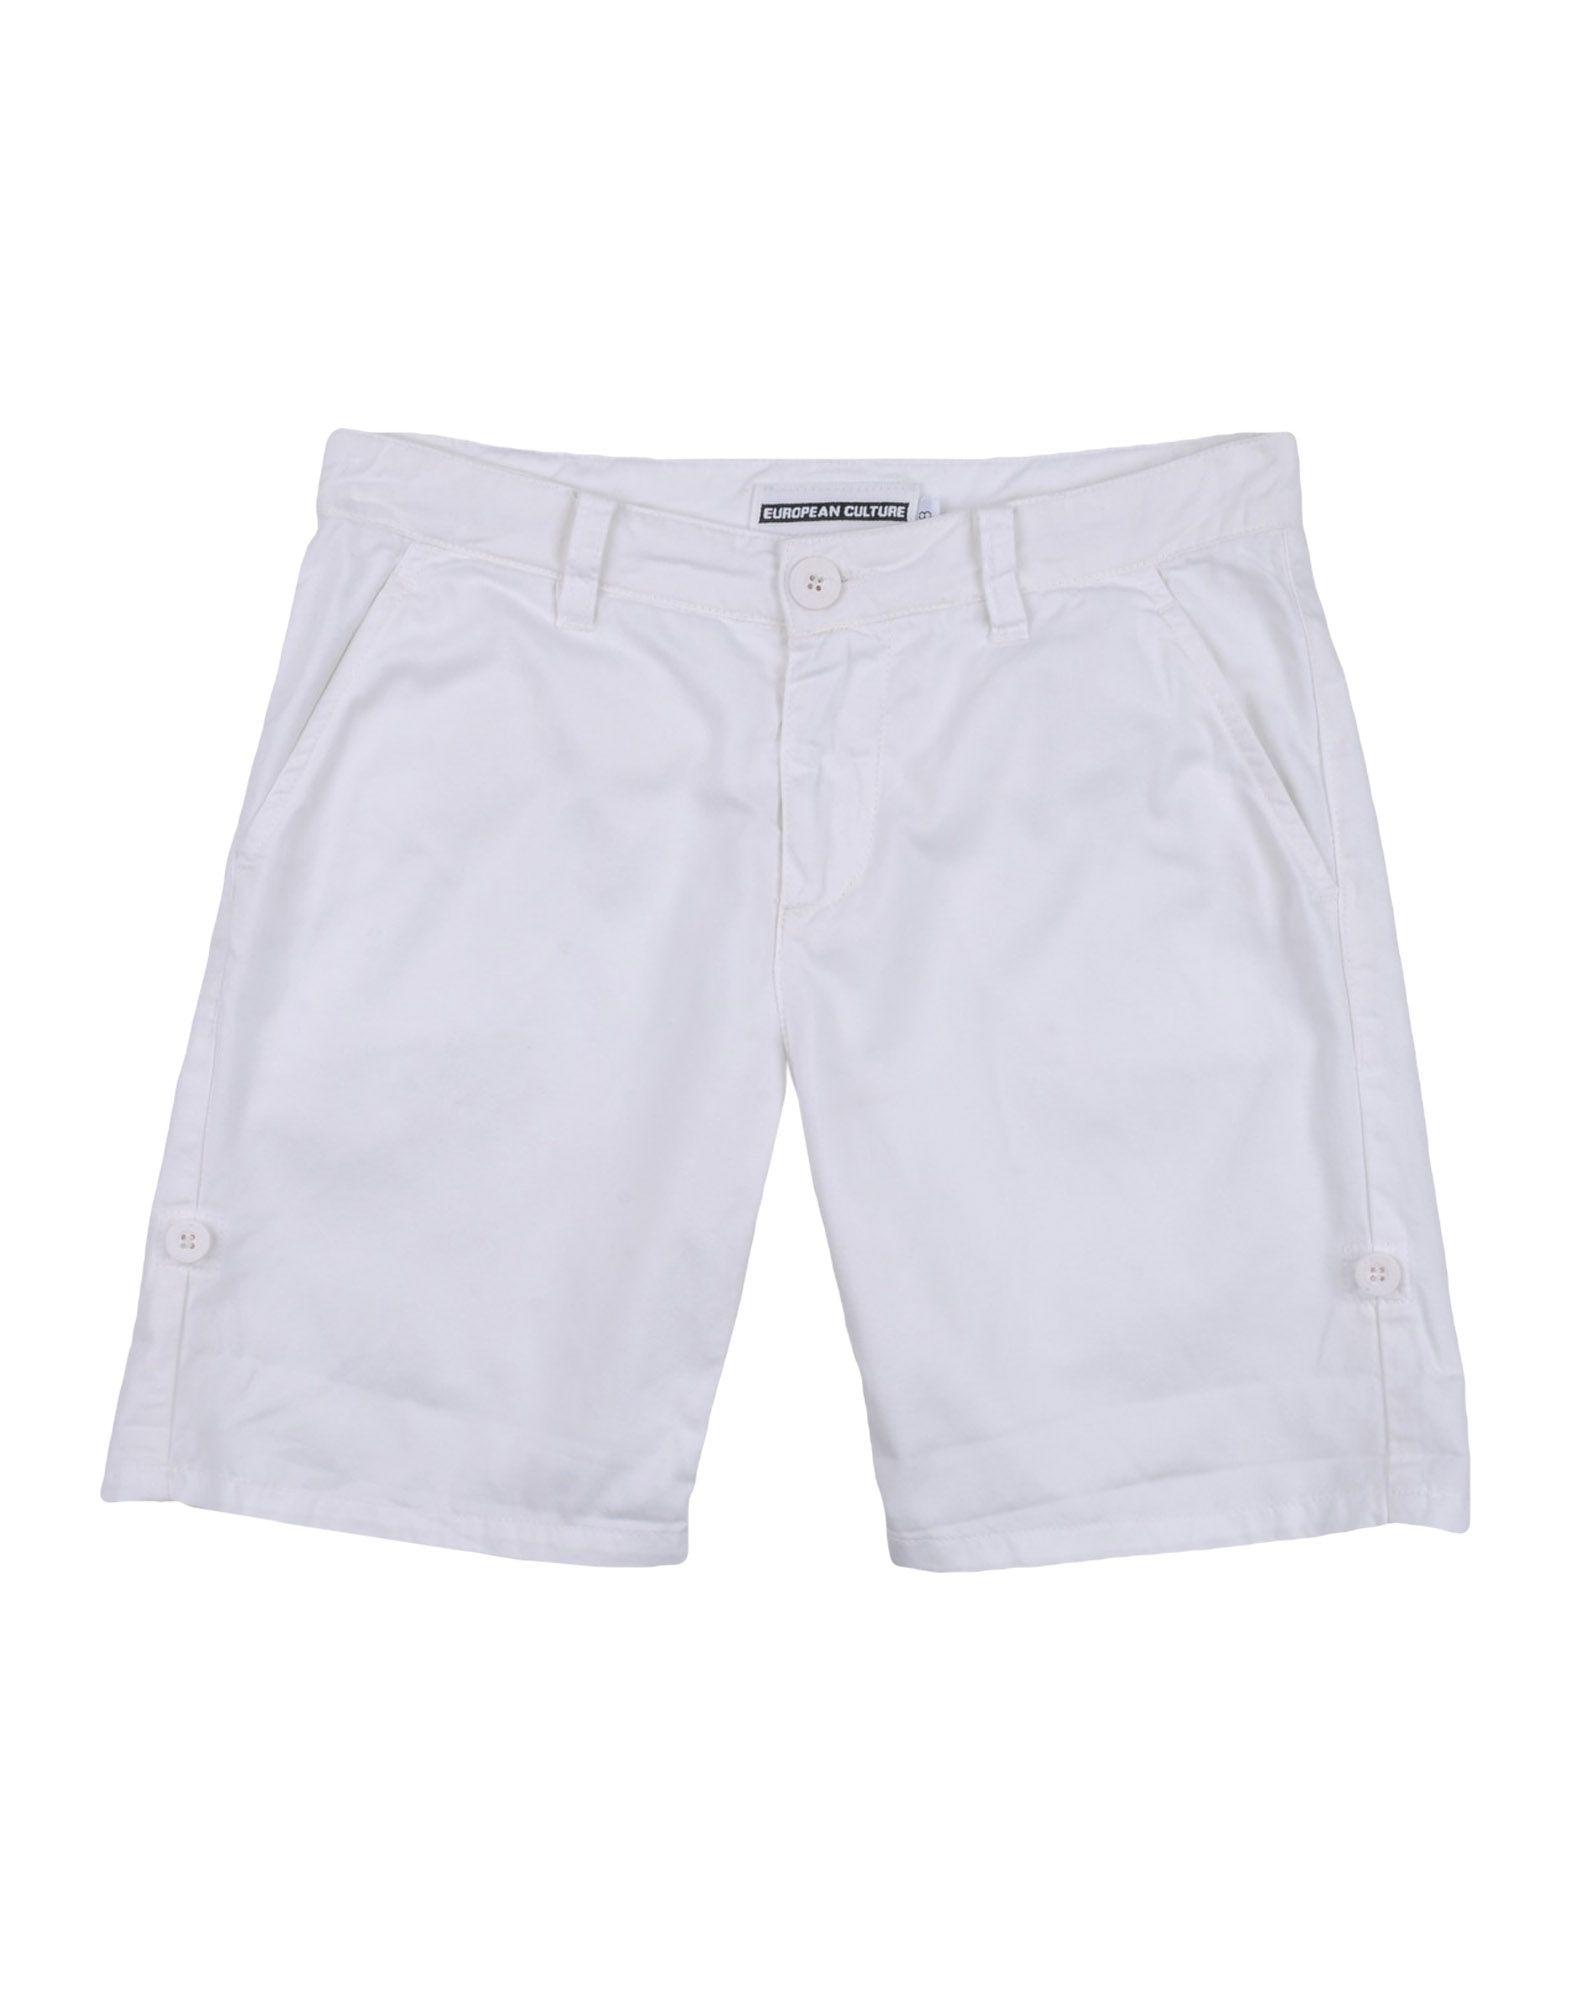 EUROPEAN CULTURE Jungen 3-8 jahre Bermudashorts Farbe Weiß Größe 6